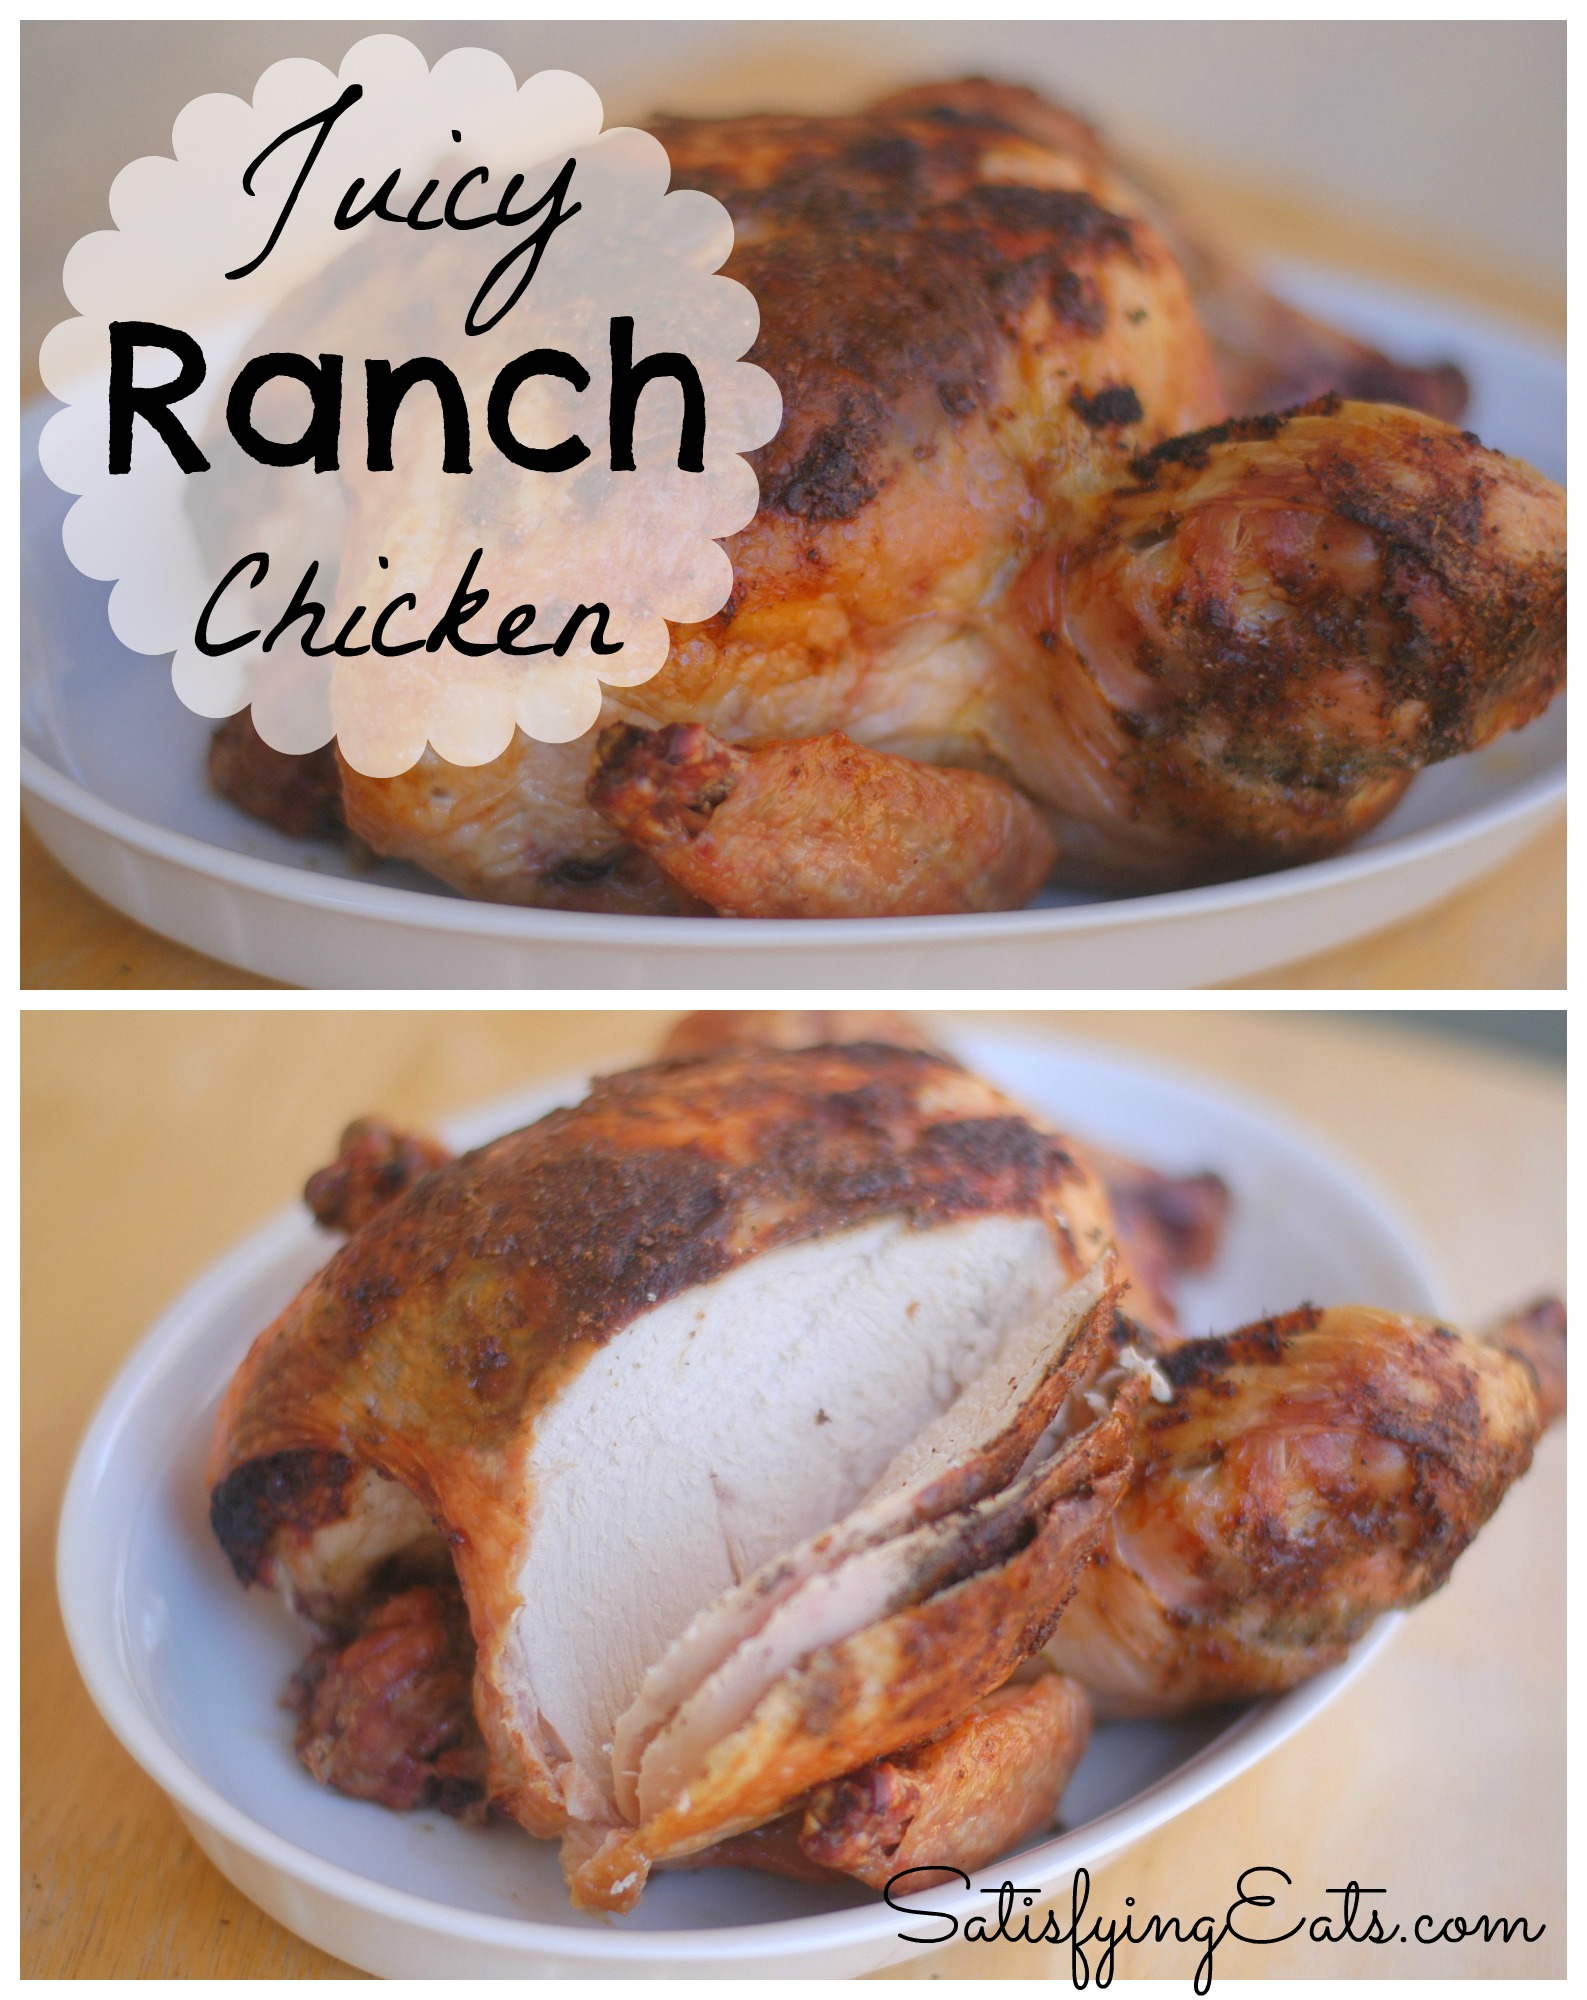 ranch chick